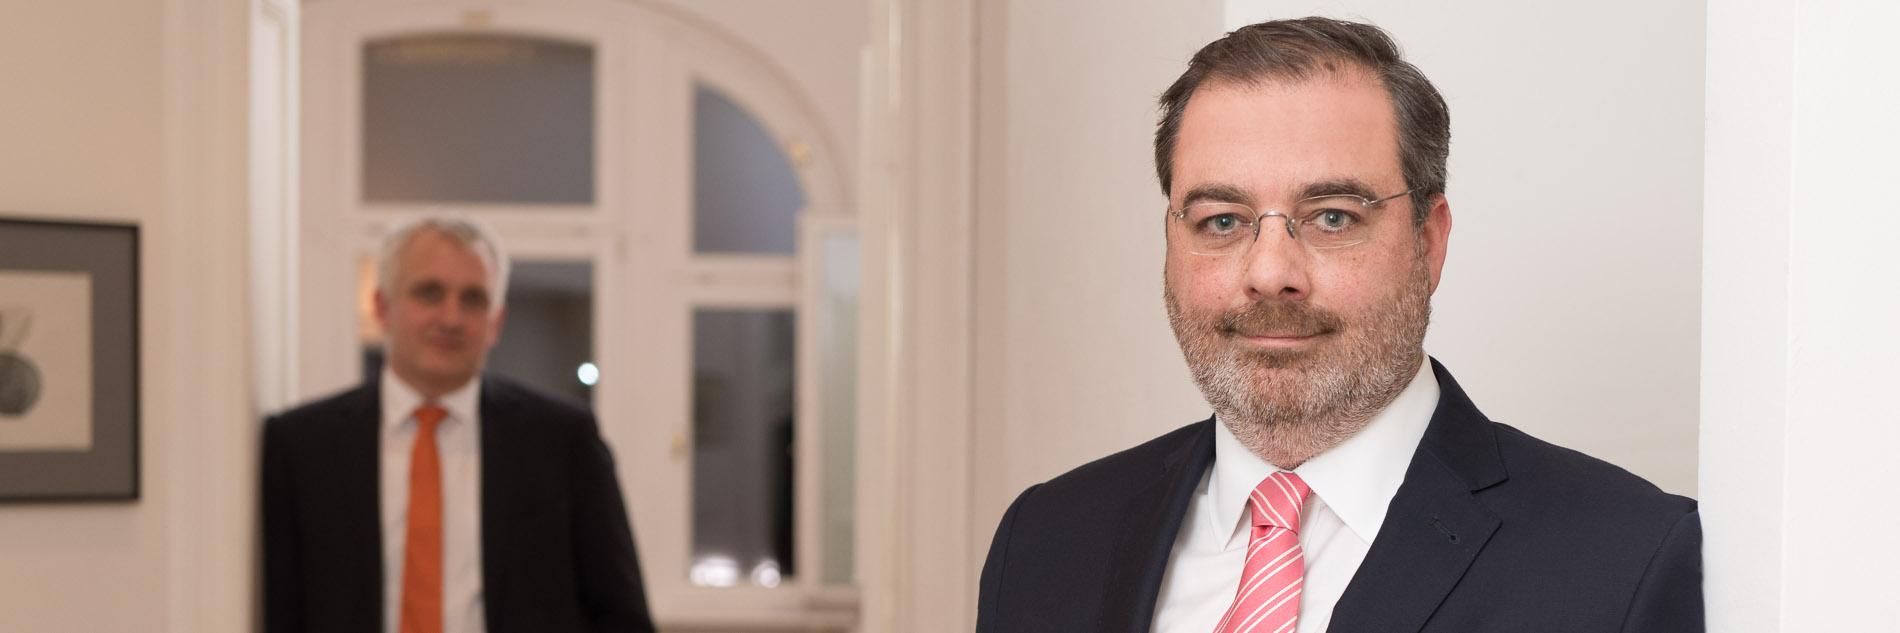 Rechtsanwalt und Notar Dr. Stefan Fuhrmann Berlin